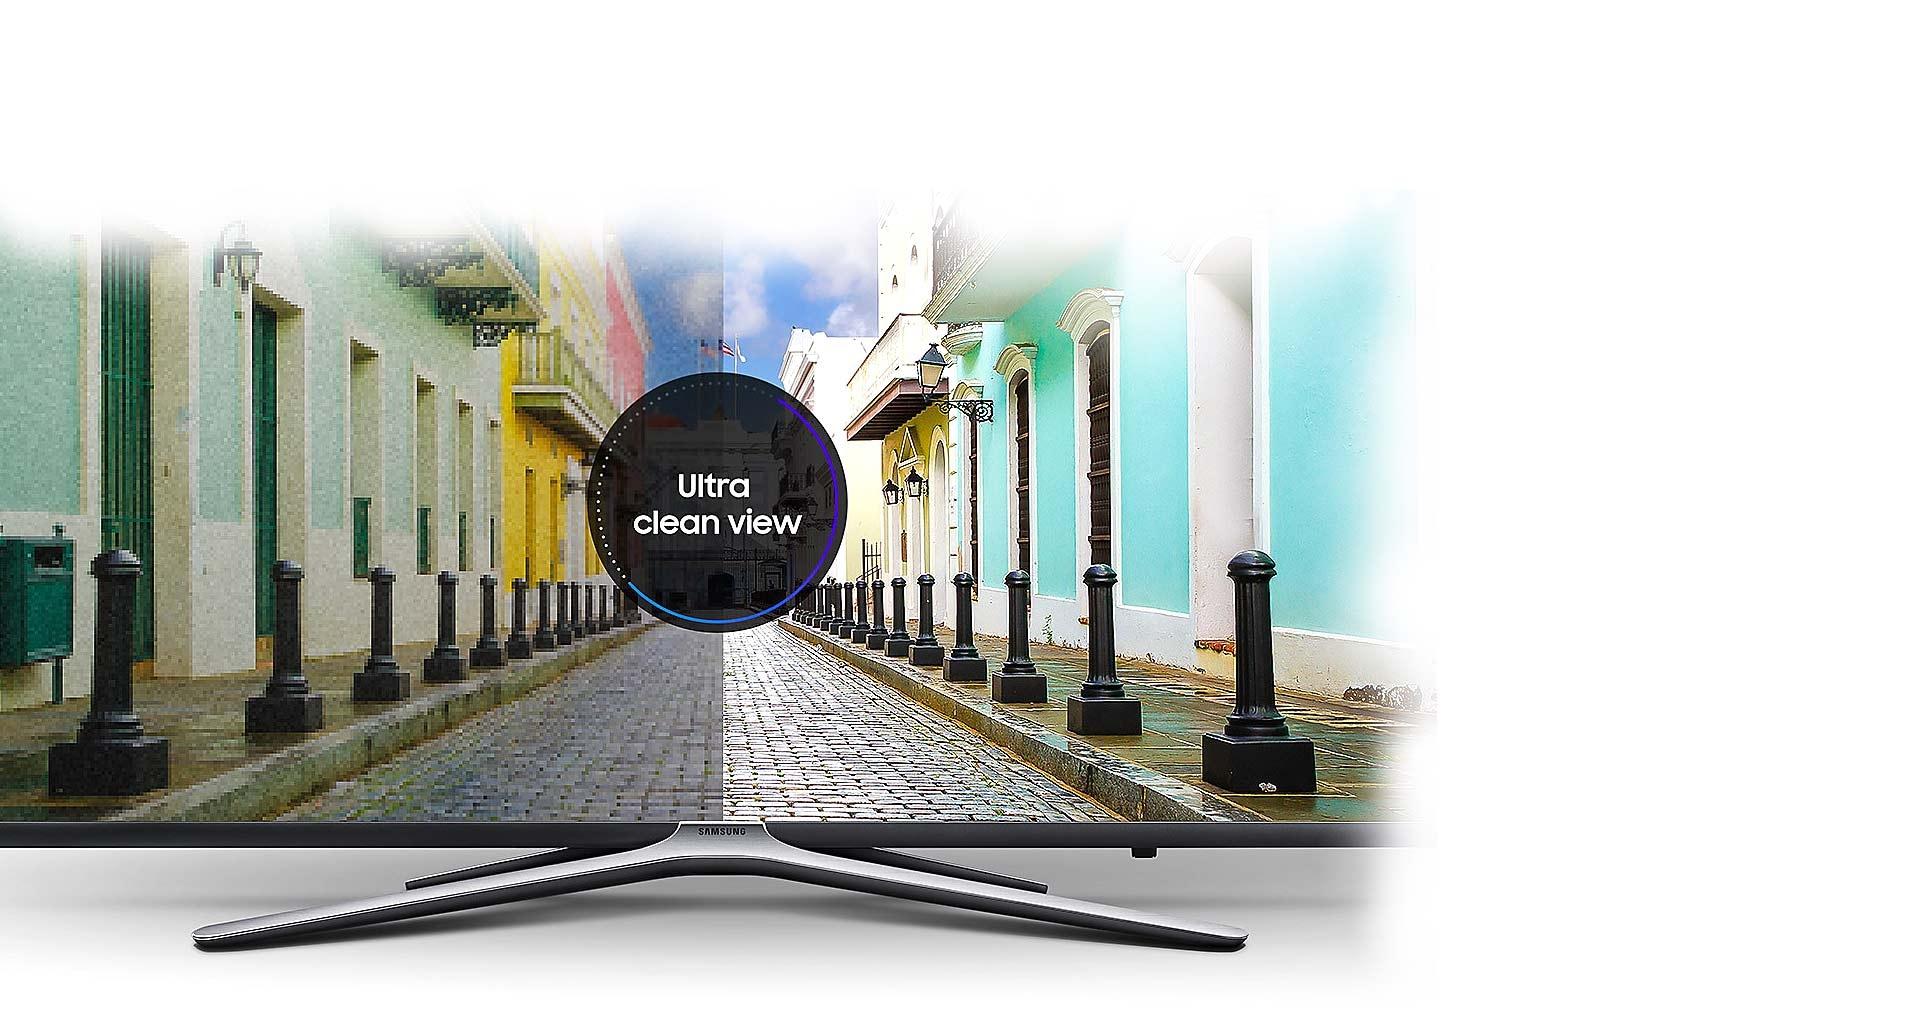 تلویزیون فول اچ دی N6900 سامسونگ با وضوح تصویر خارق العاده